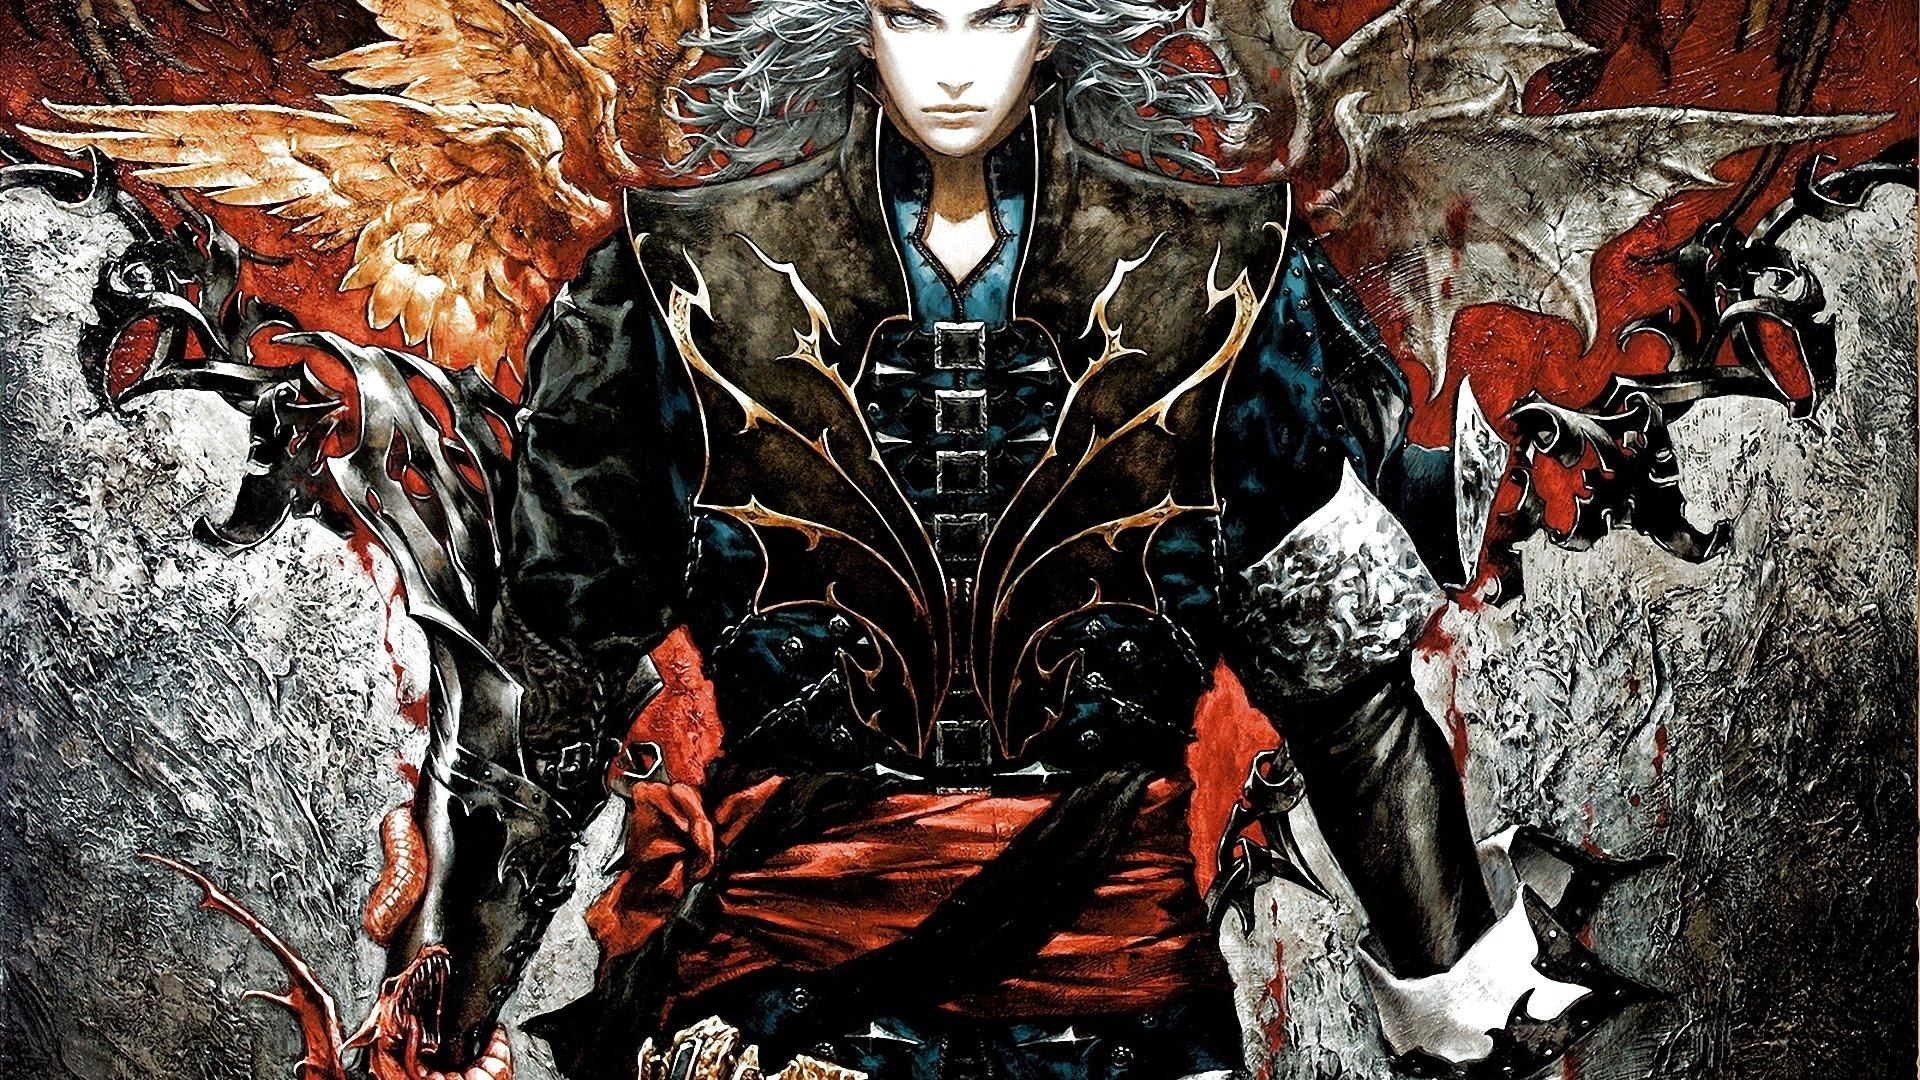 castlevania fantasy dark vampire horror evil warrior